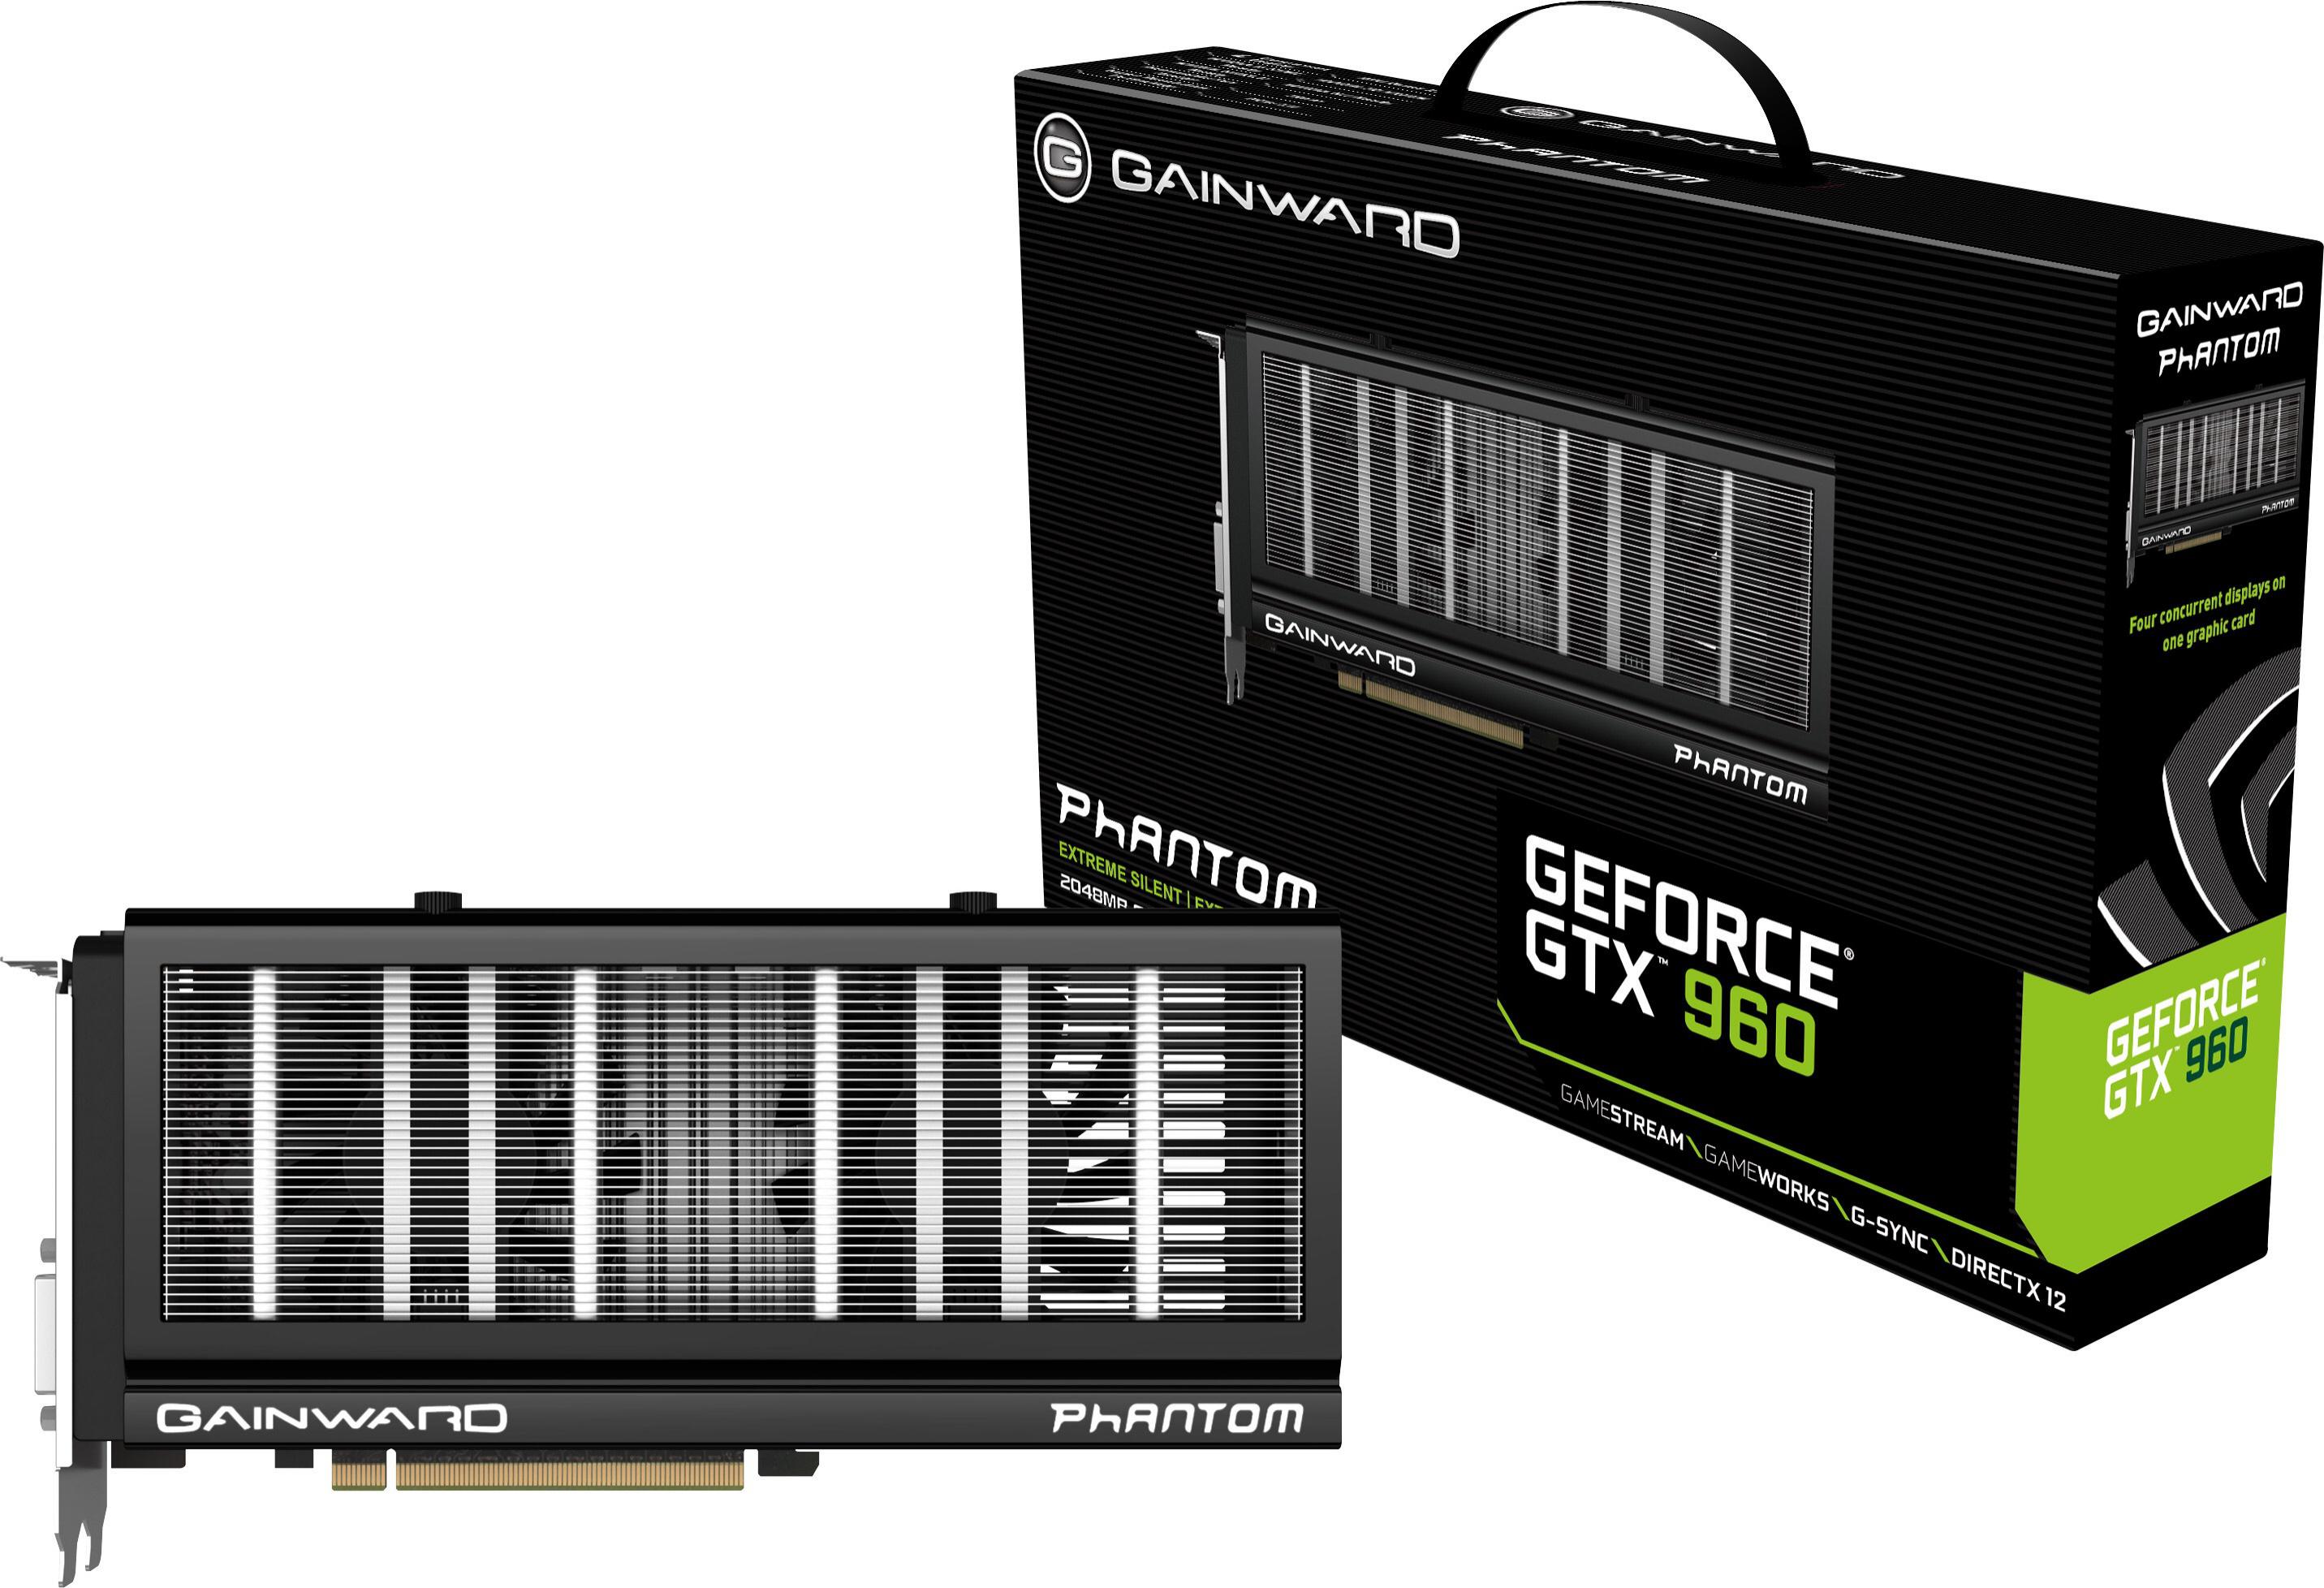 Carte graphique GeForce GTX 960 Gainward Phantom 2Go